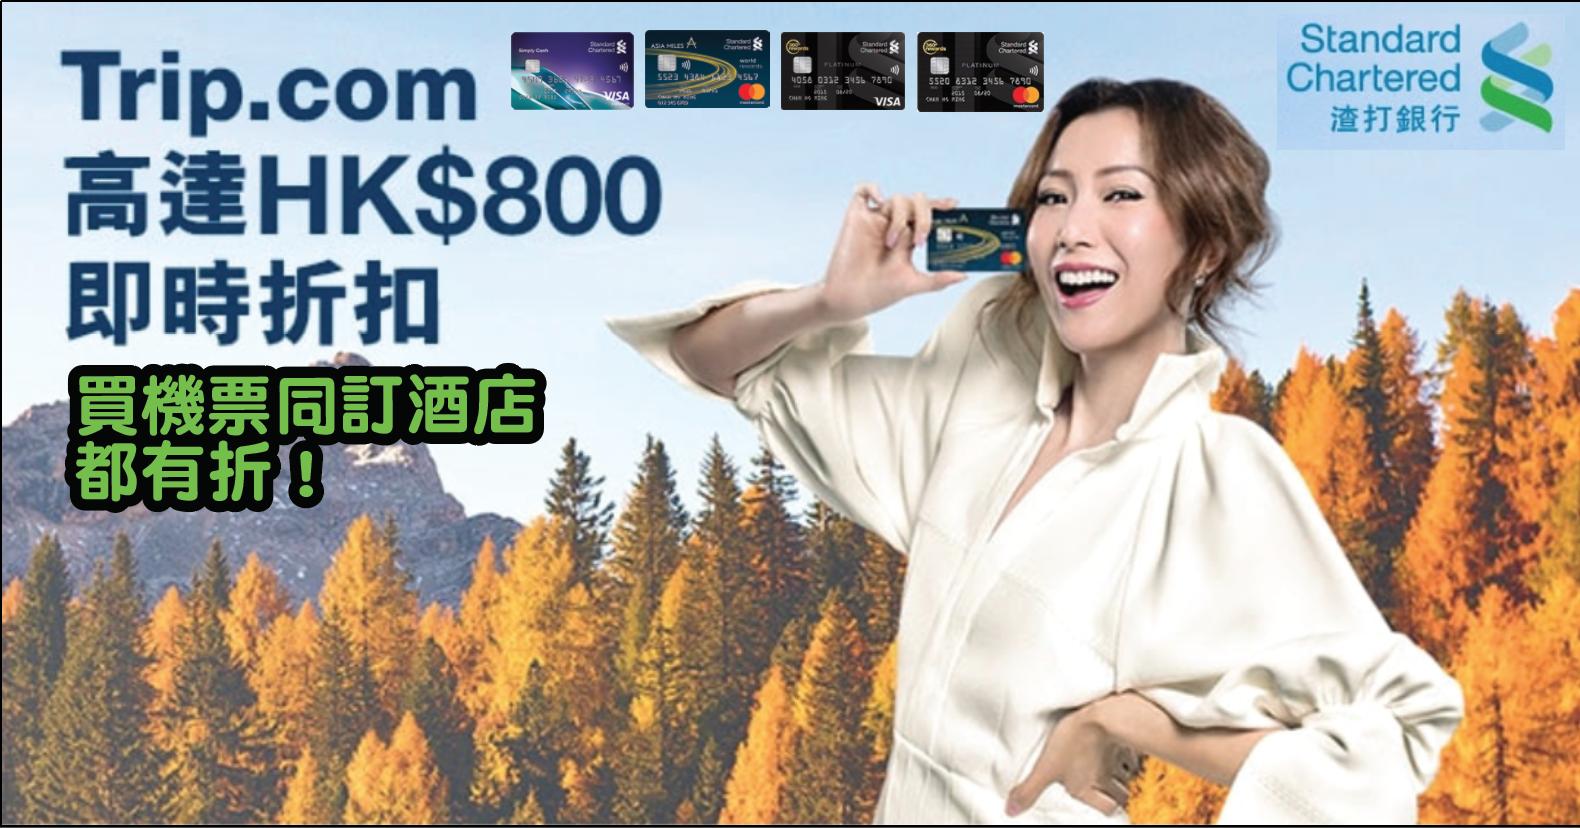 渣打信用卡Trip.com 高達$800折扣!訂酒店或機票都有即時折扣!酒店$5,000扣$500、機票$3,000扣$300!